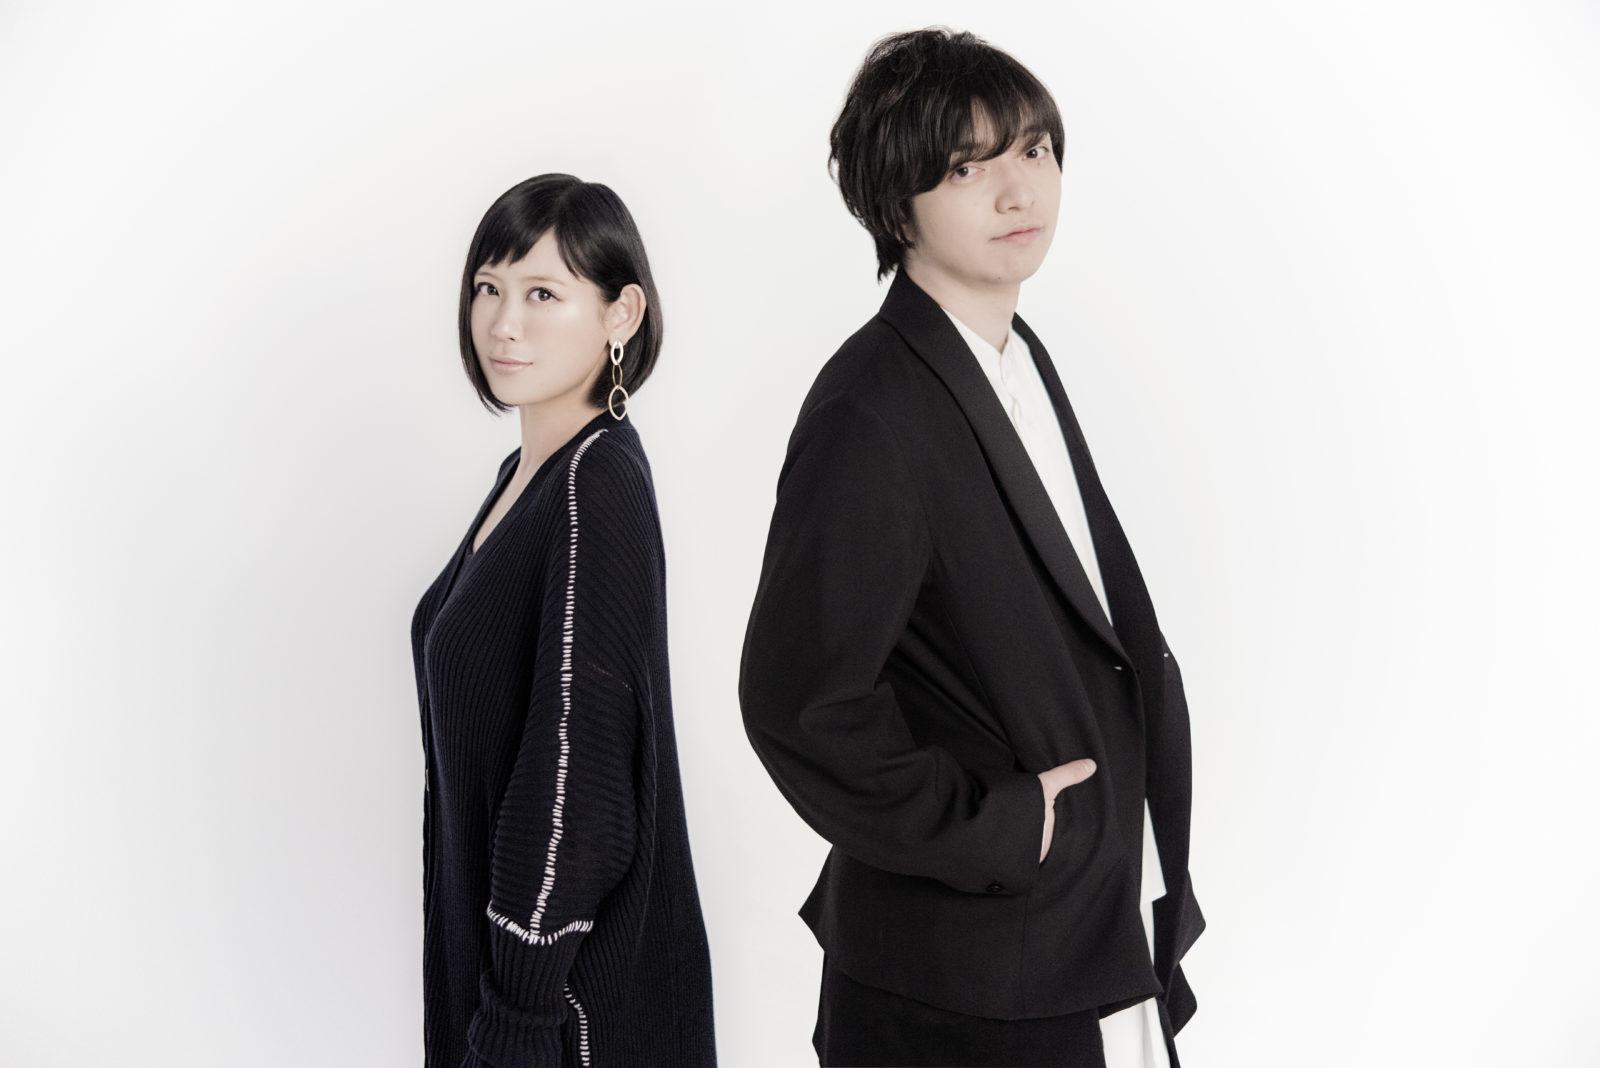 絢香&三浦大知の夢のコラボ曲『ハートアップ』MVが「耳が幸せ!」「最高のふたり」と話題サムネイル画像